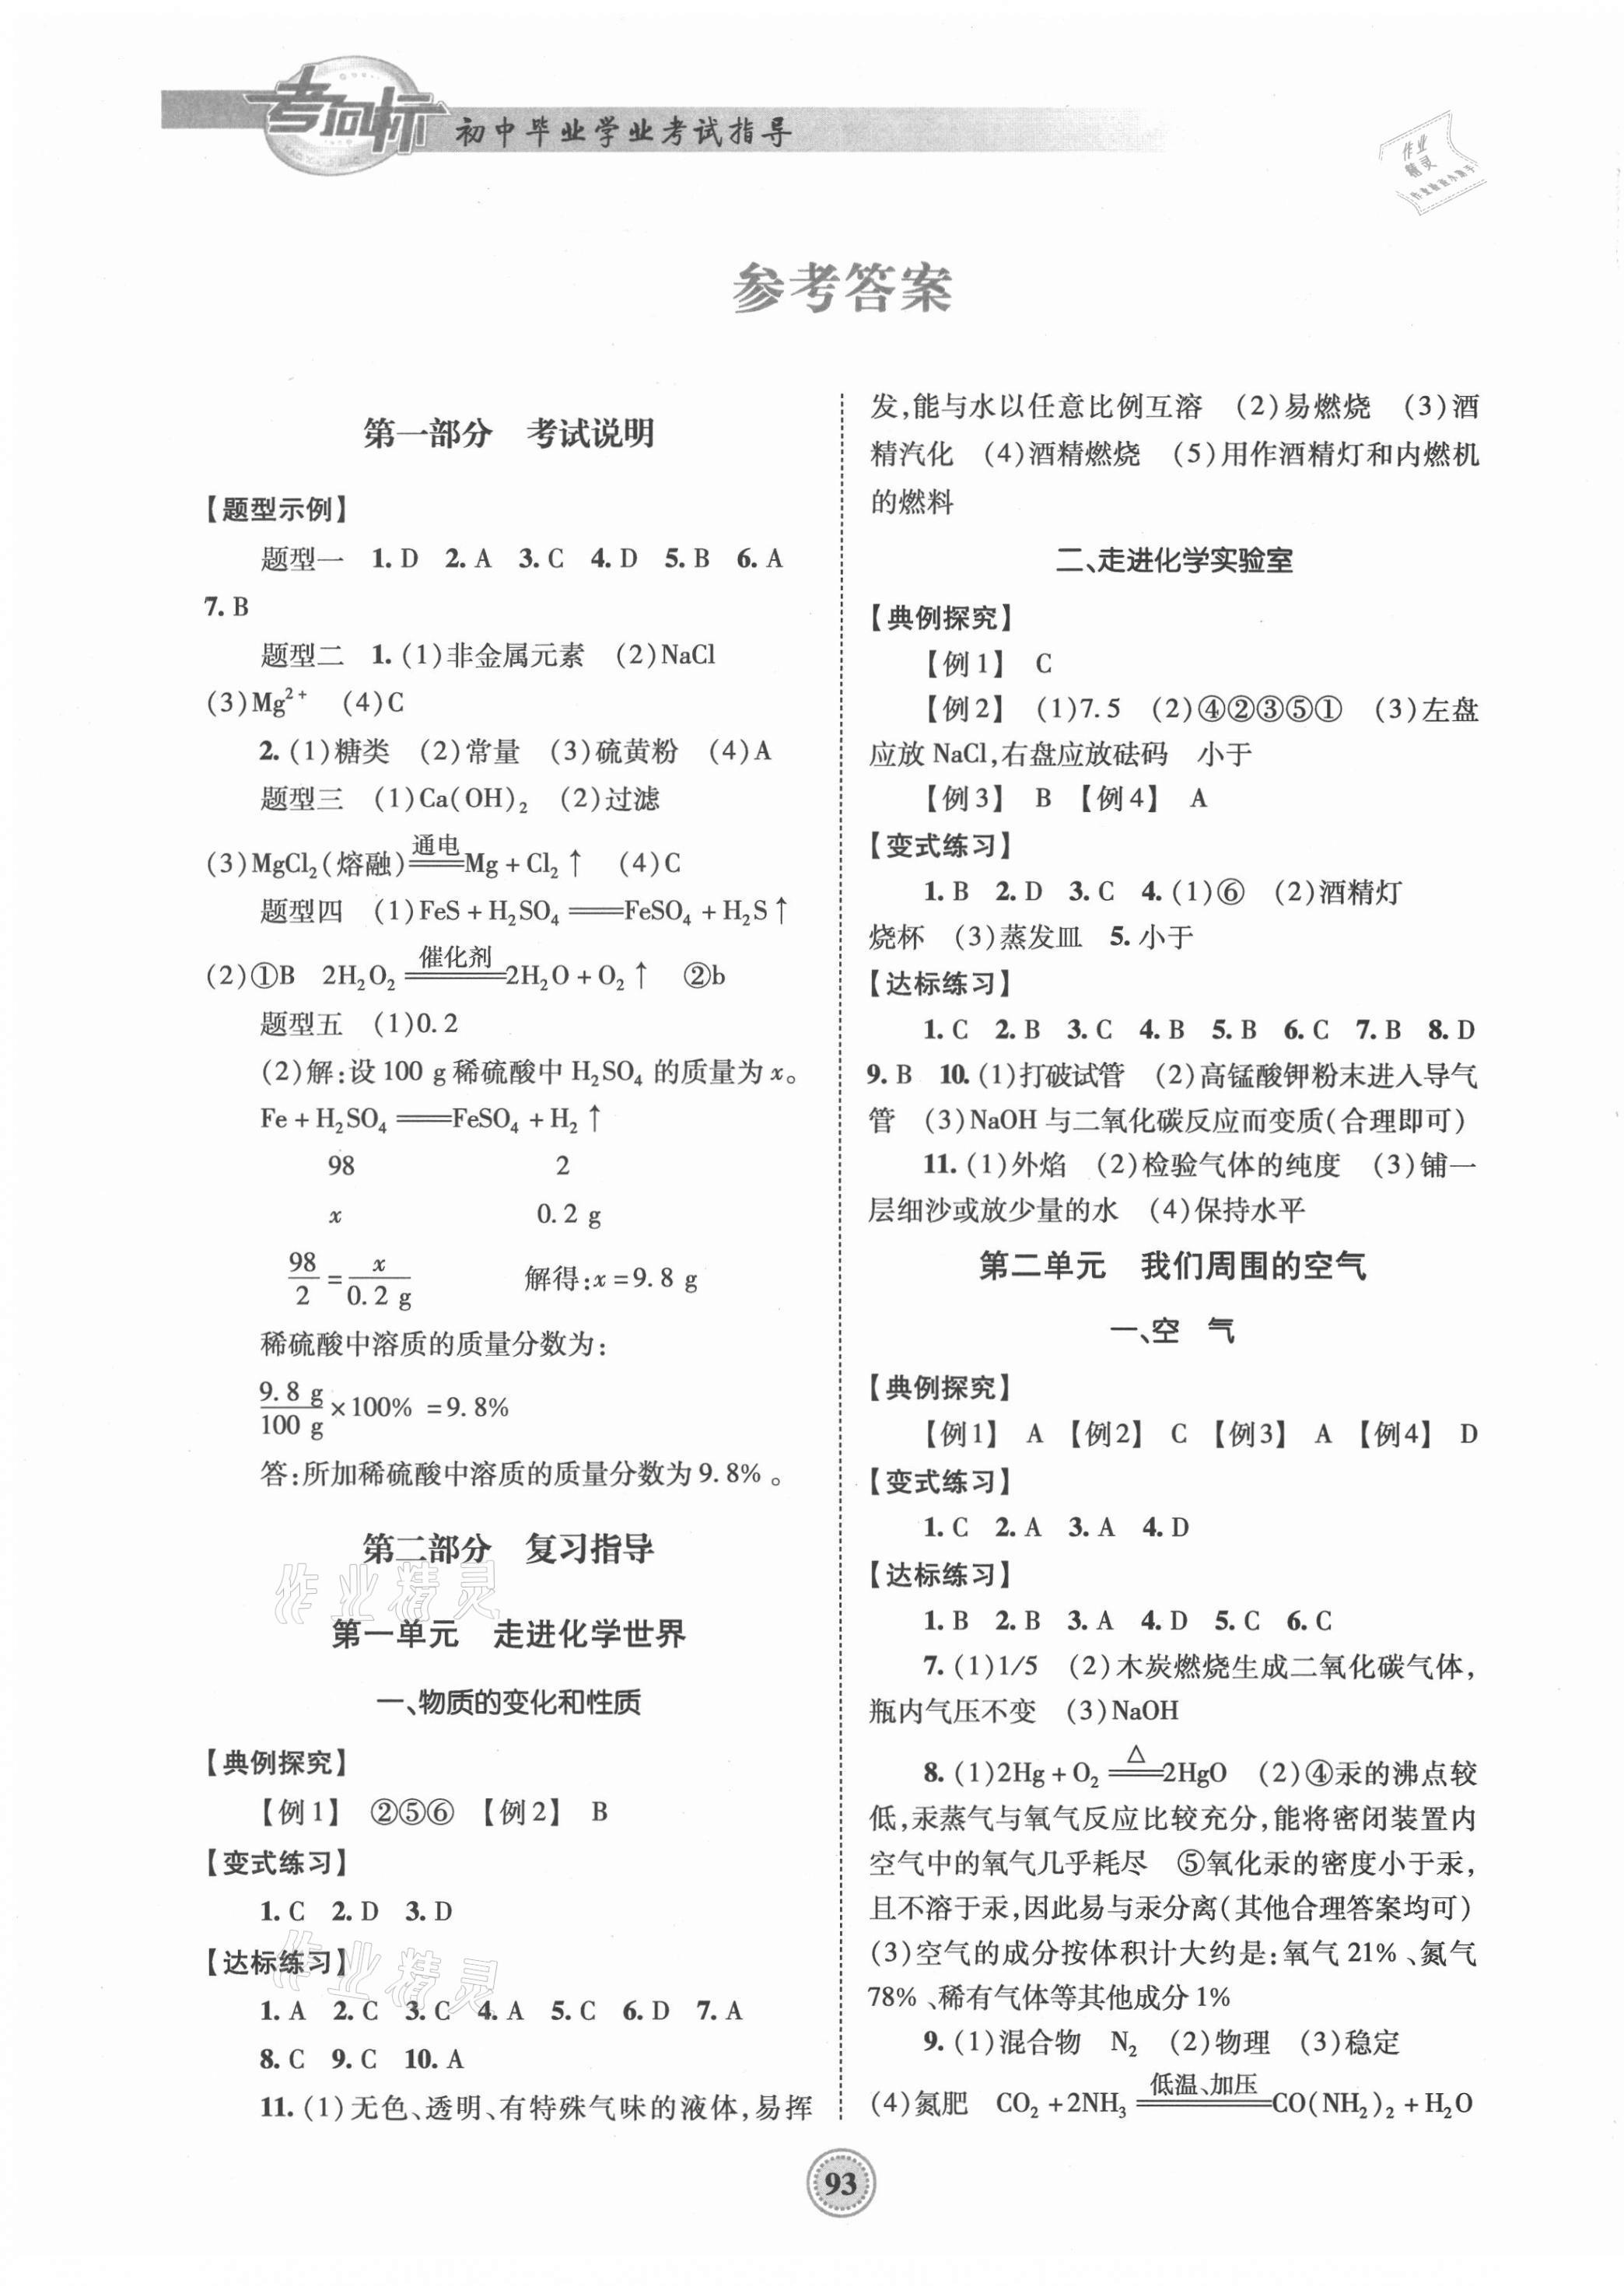 2021年考向标初中毕业学业考试指导化学中考岳阳专版参考答案第1页